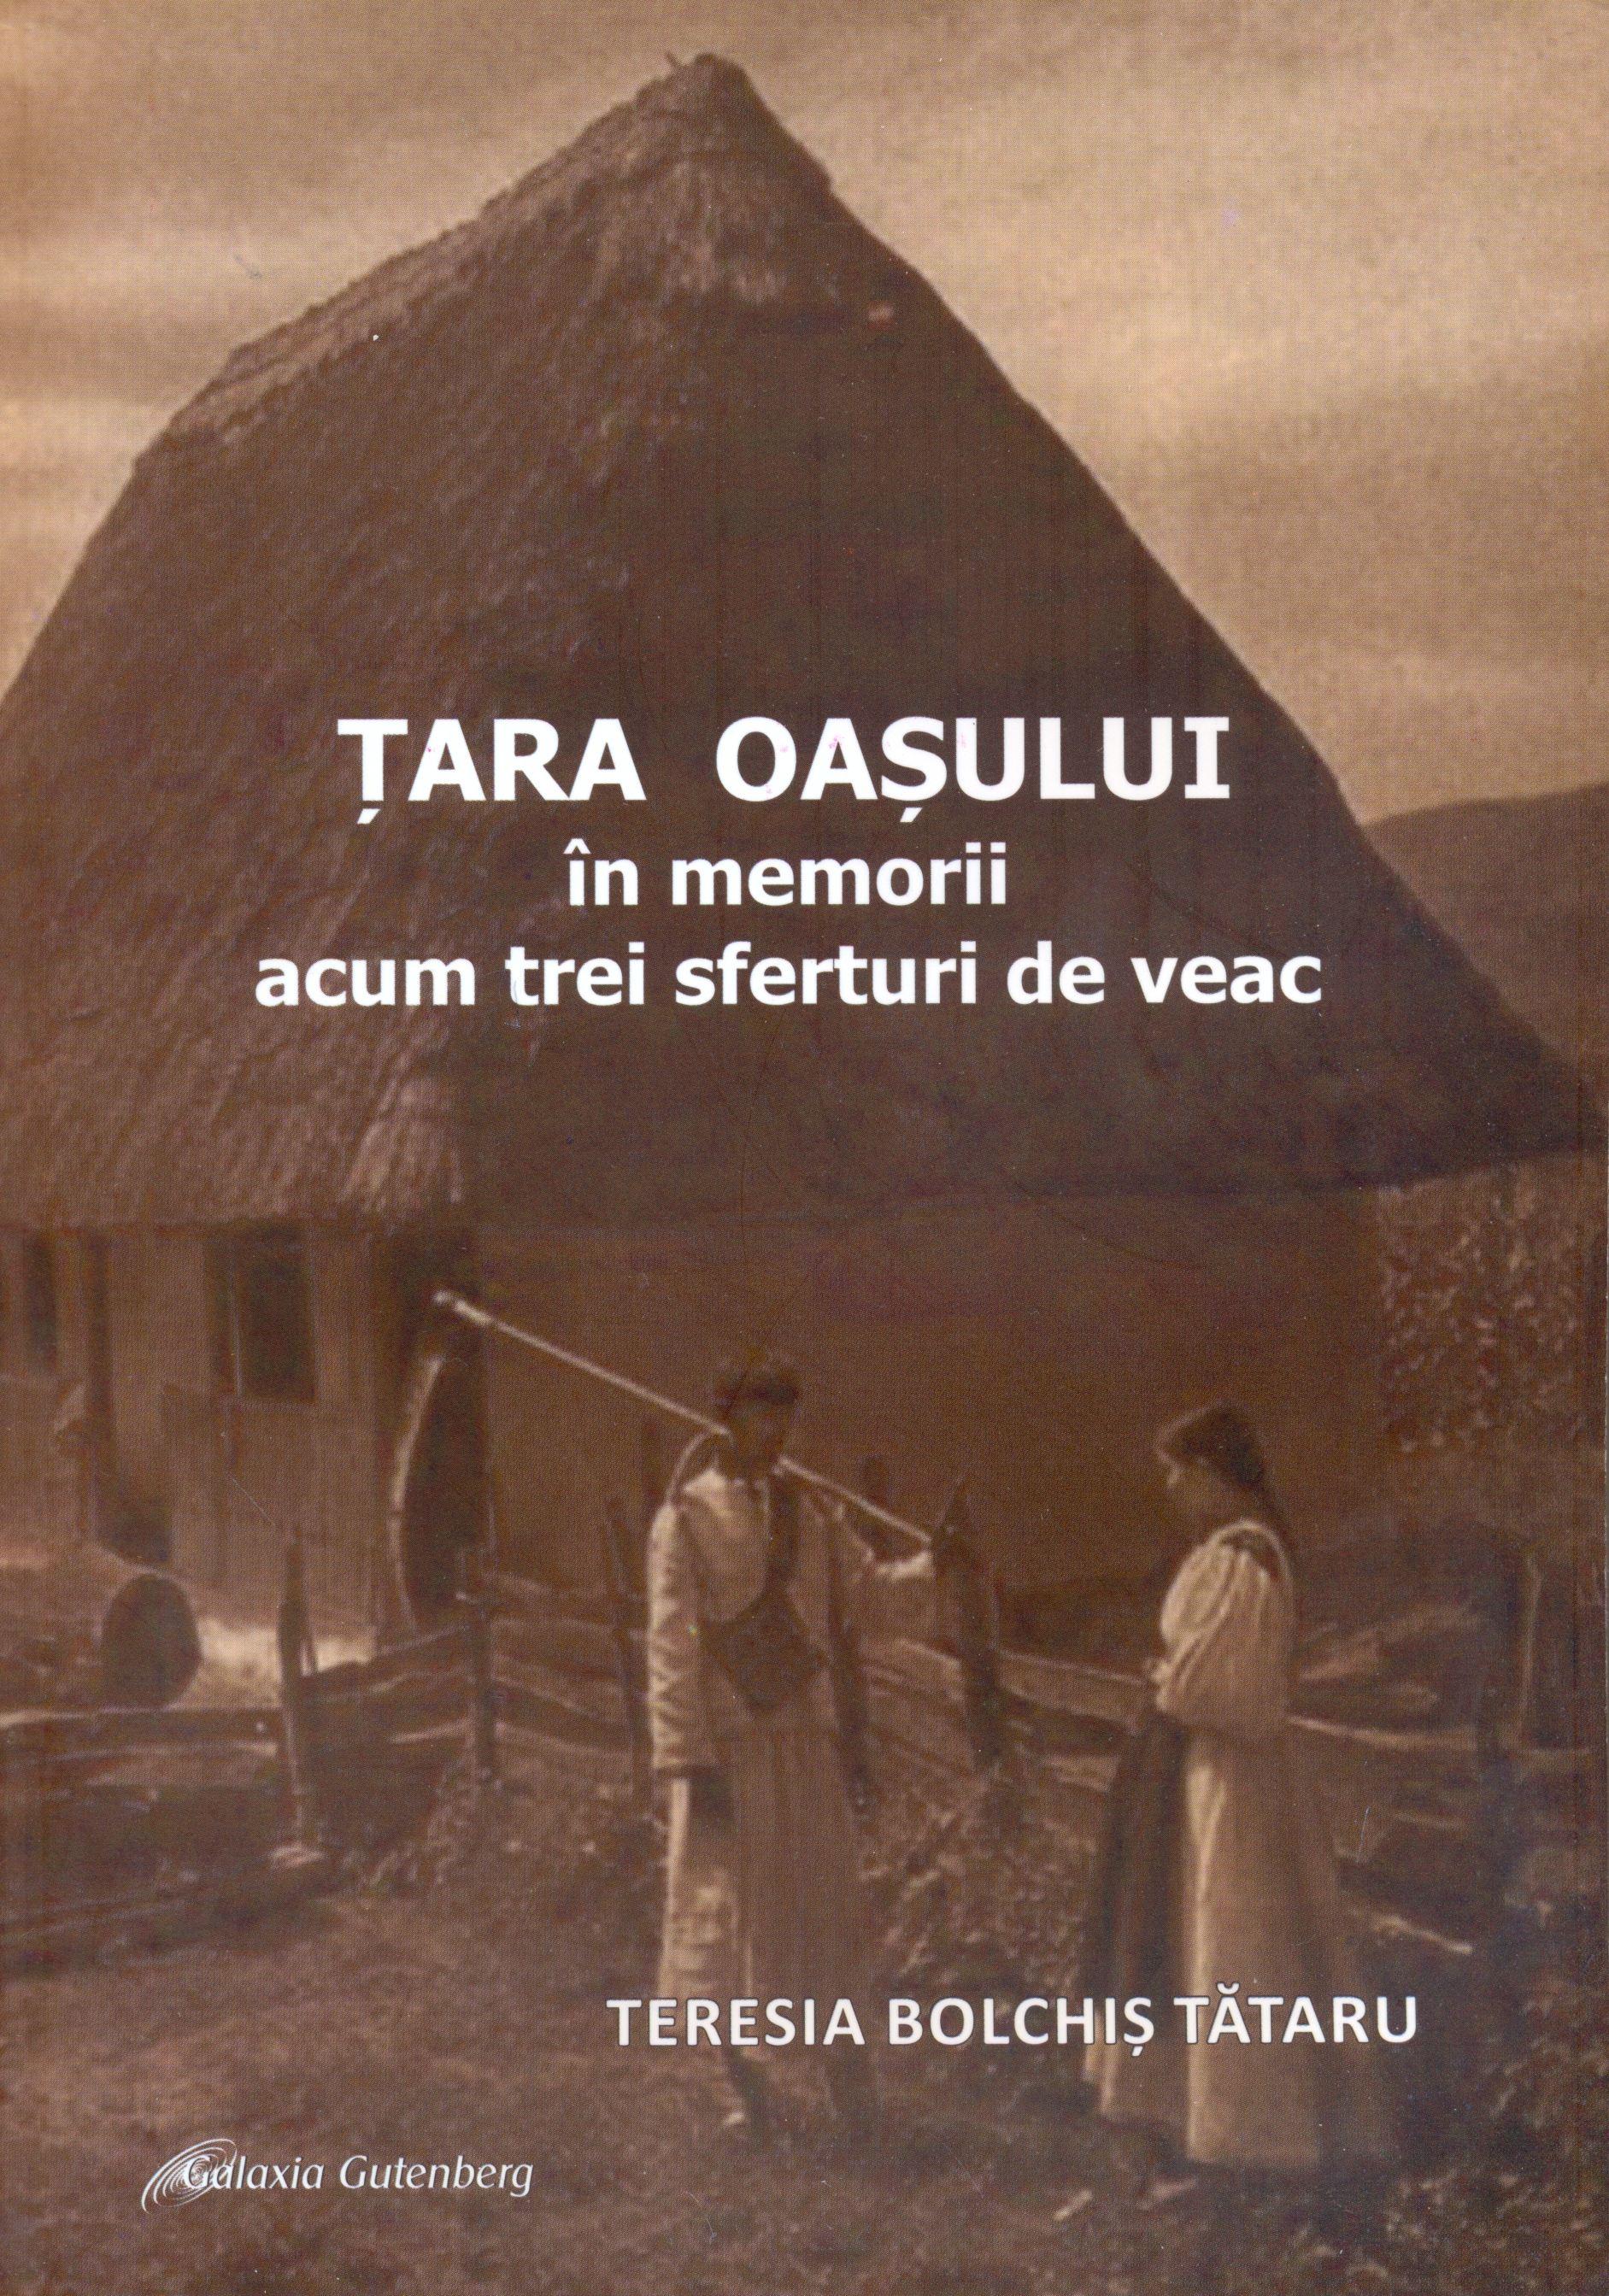 Tara Oasului in memorii acum trei sferturi de veac